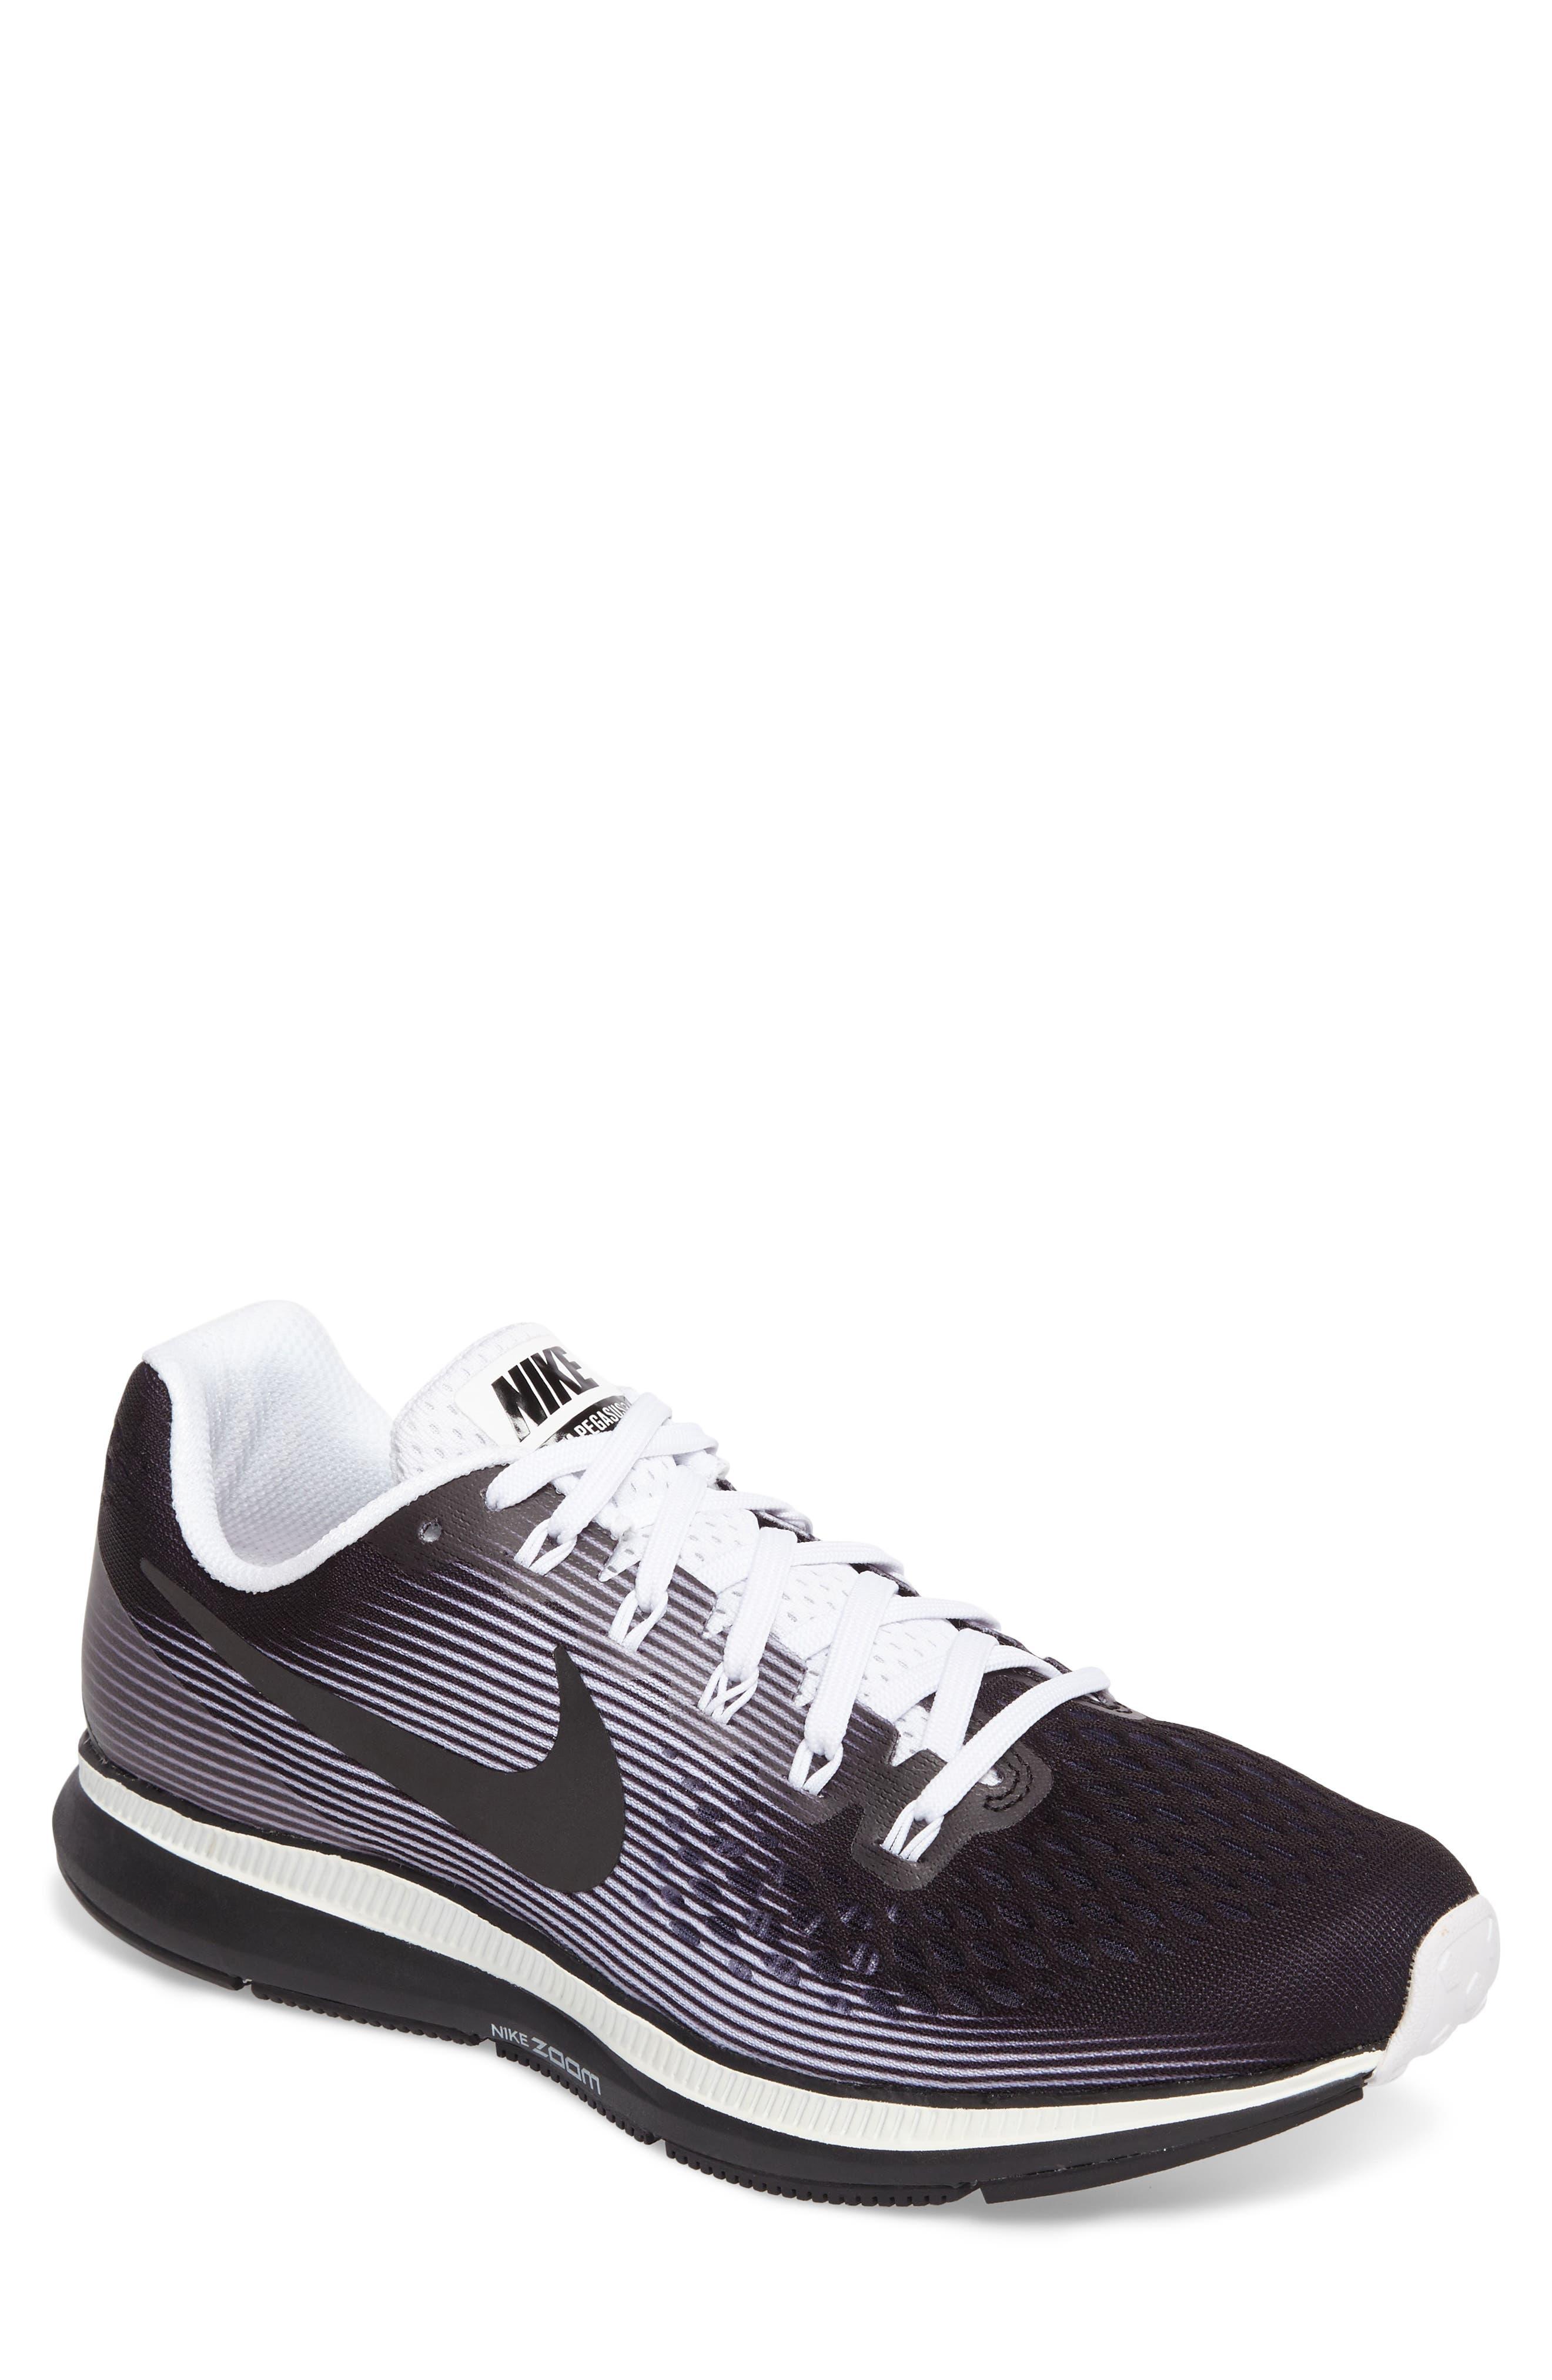 Air Zoom Pegasus 34 LE Running Shoe,                         Main,                         color, 001